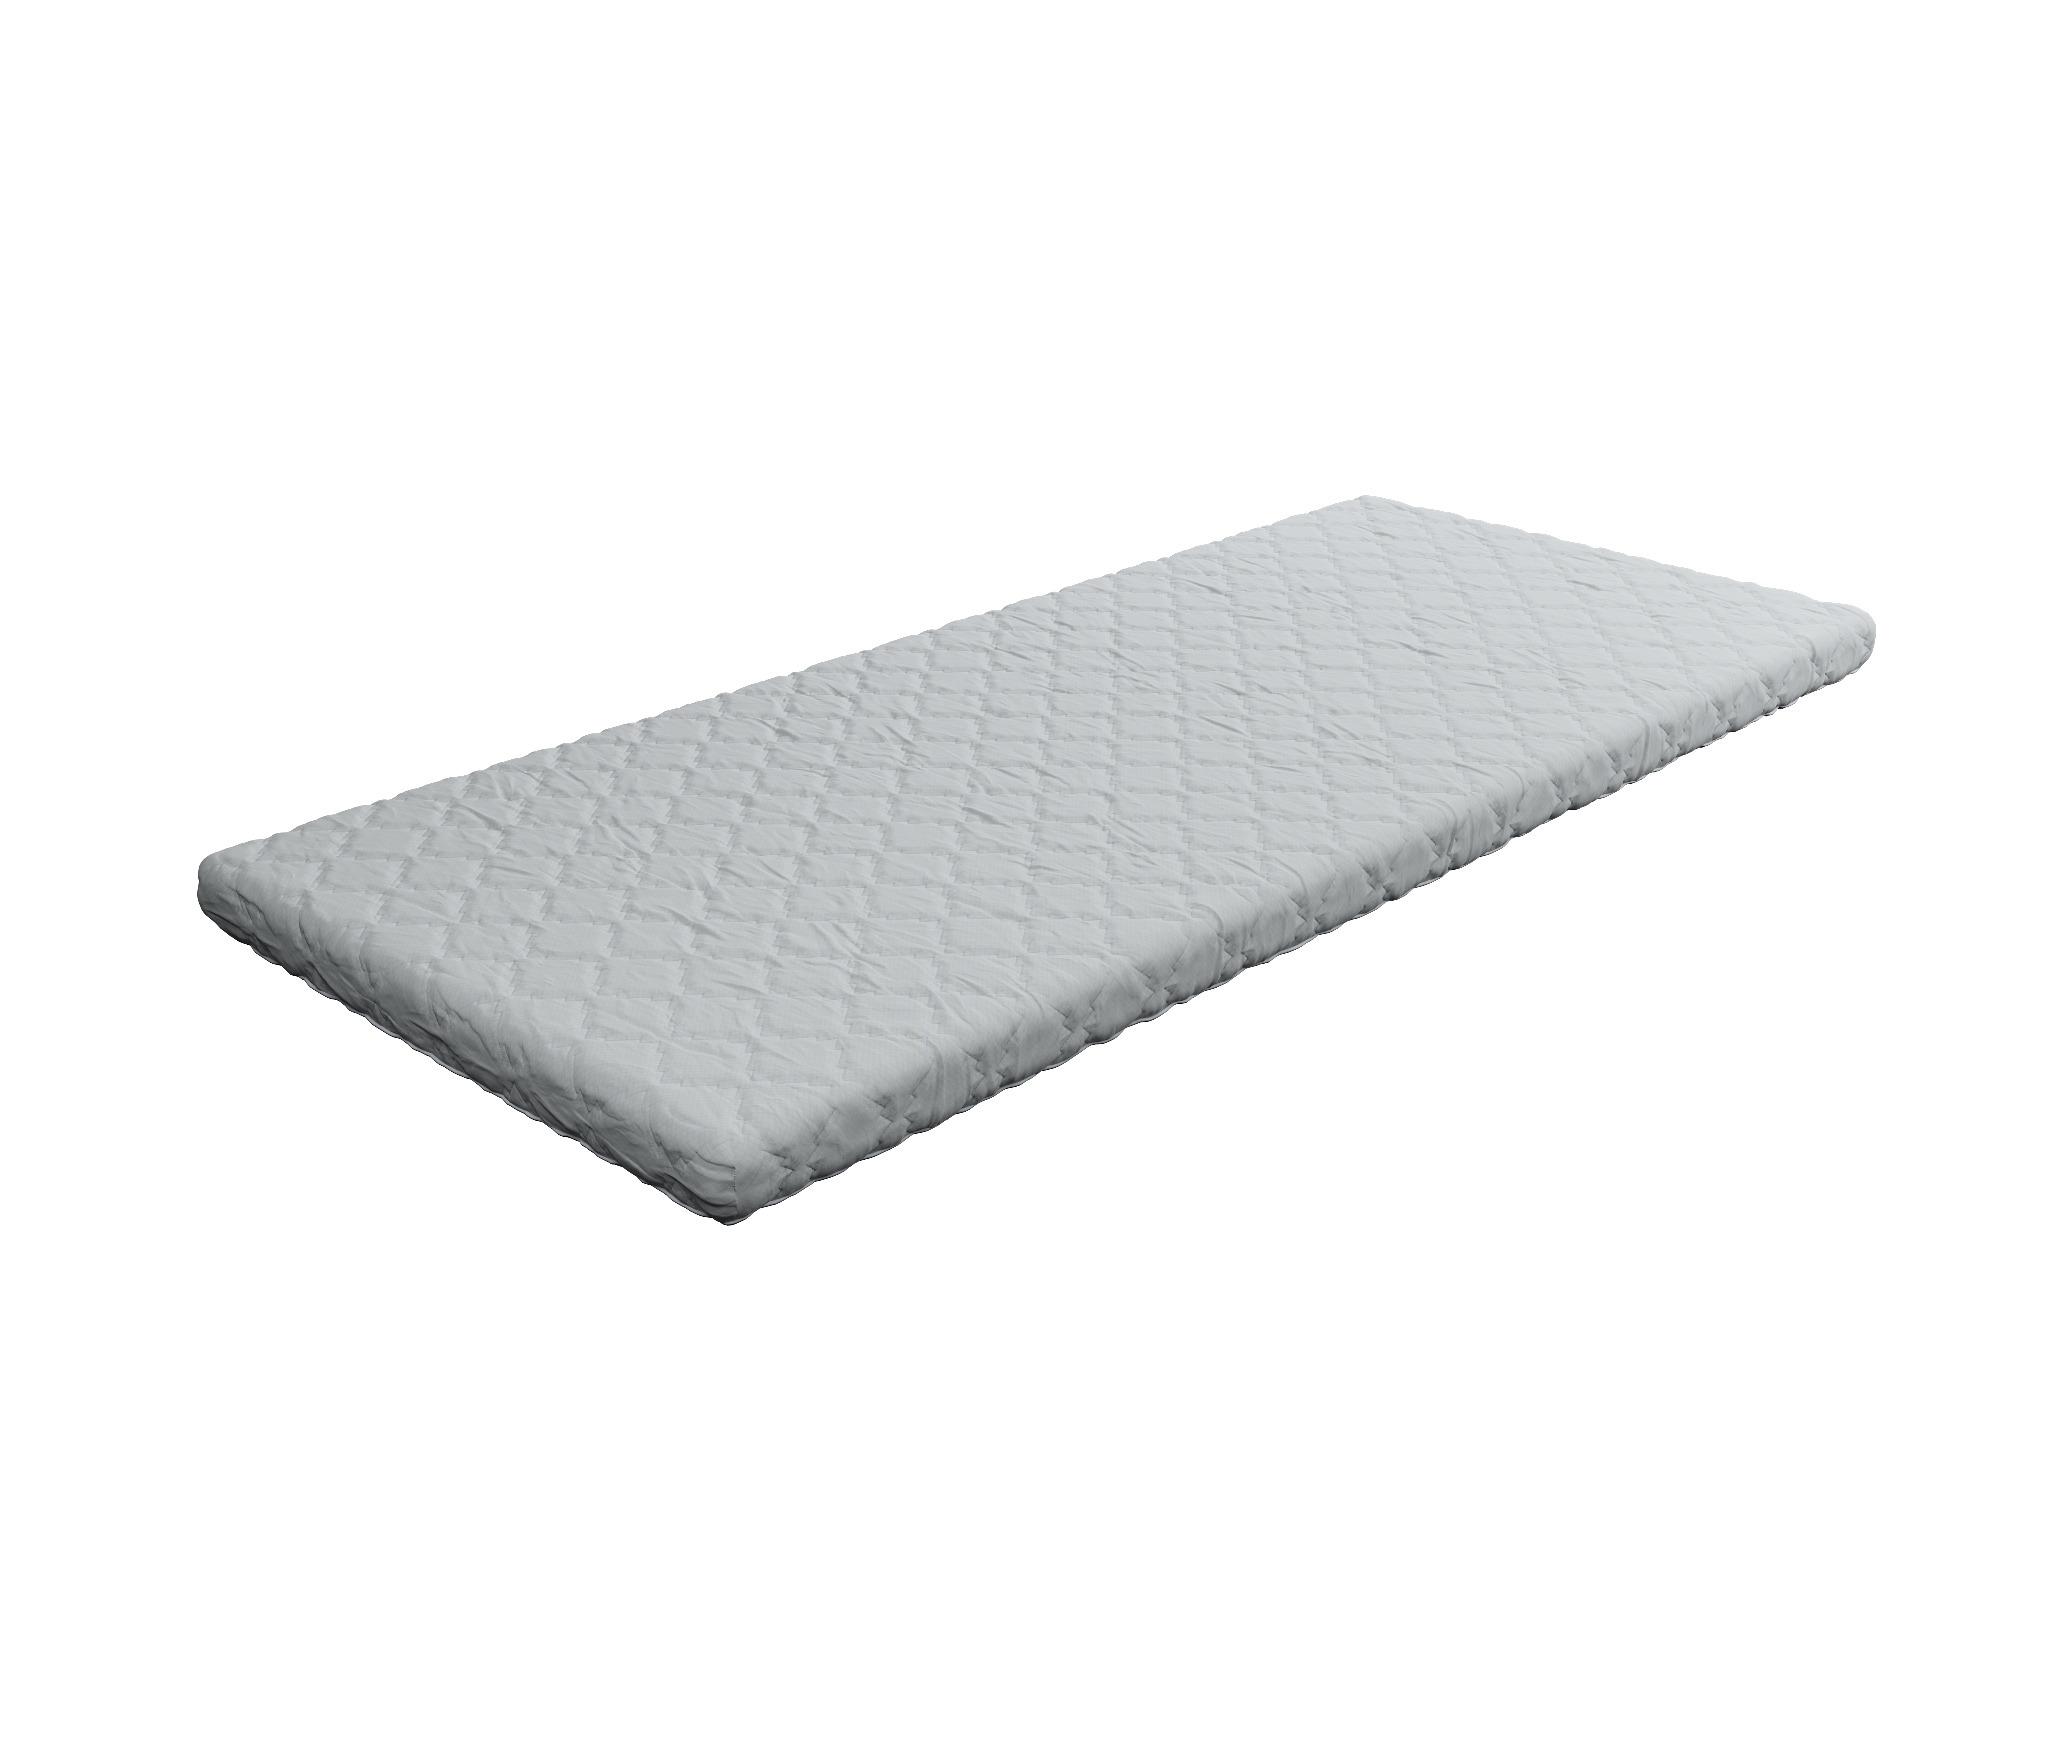 Матрас Топпер-Прима  900*2000Кровати<br>Топпер- это идеальное экономичное решение для дач, для выравнивания спального места на диване и для всех тех, кто хочет получить максимум комфорта при минимальных затратах.&#13;Блок ППУ высокой прочности, обе стороны ровные, чехол несъемный. Ткань чехла Stelline, плотностью 11 pix.&#13;Толщина 40 мм.&#13;Макс. нагрузка 100 кг, при использовании на диване или матрасе.<br><br>Длина мм: 900<br>Высота мм: 40<br>Глубина мм: 2000<br>Длина матраса: 2000<br>Ширина матраса: 900